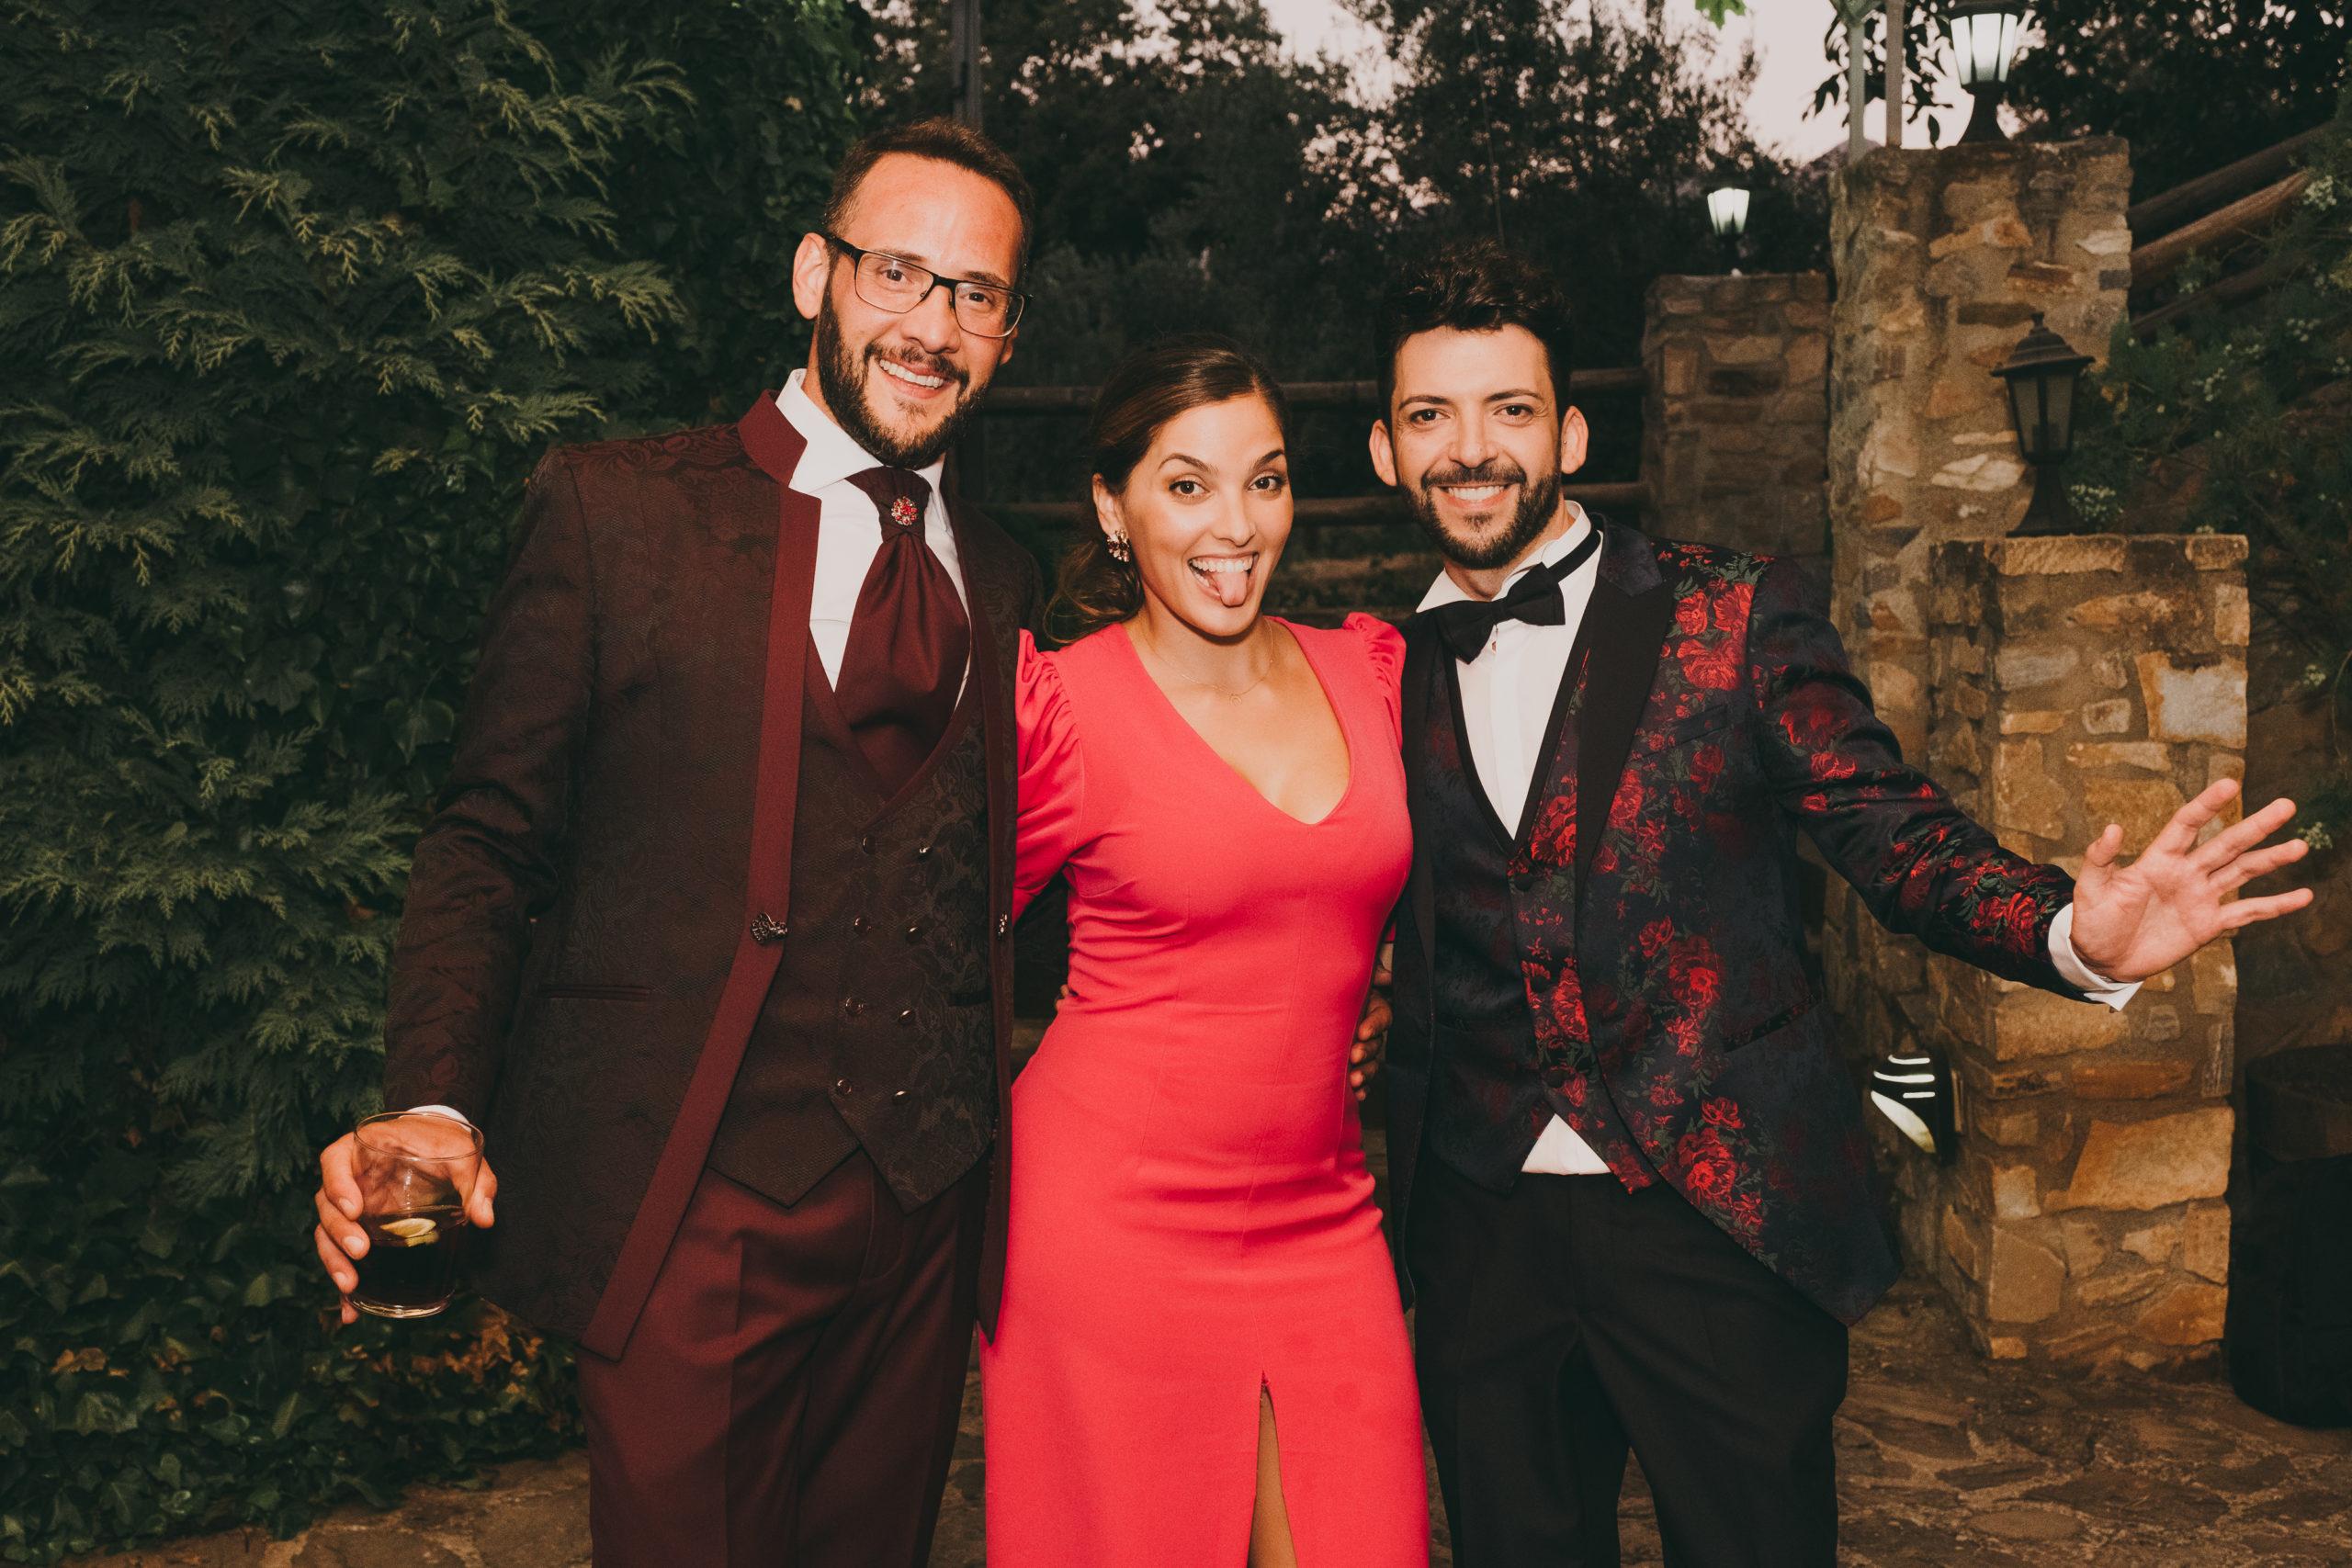 Divertida foto como broche final a una gran boda. Foto by Love Wanderers